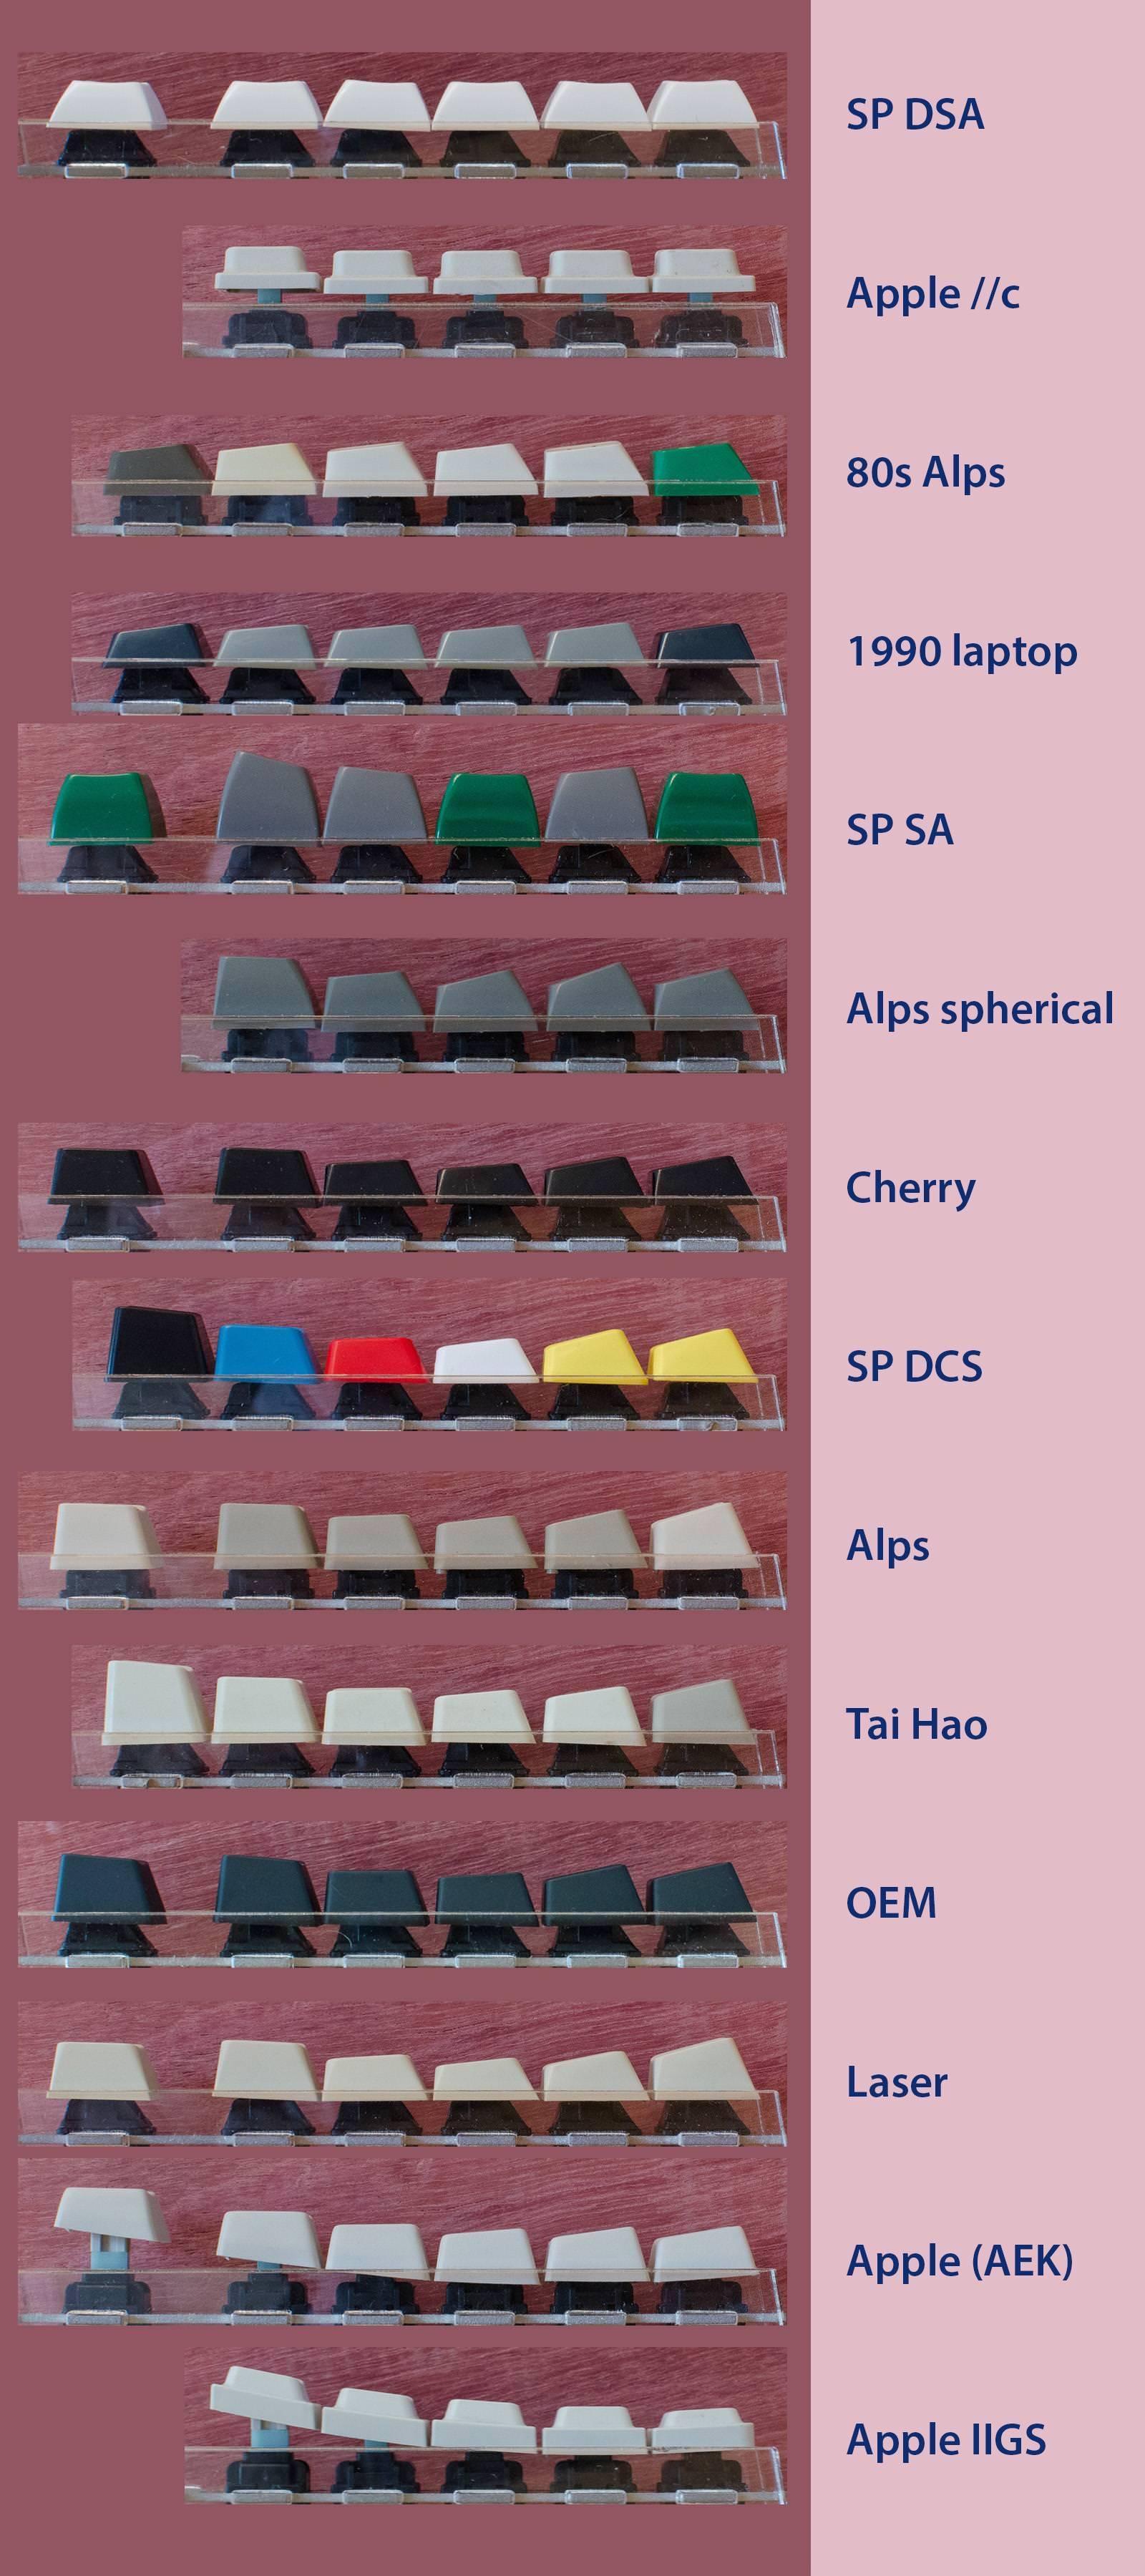 Ортолинейная сплит клавиатура — это что такое? Обзор Iris Keyboard - 35